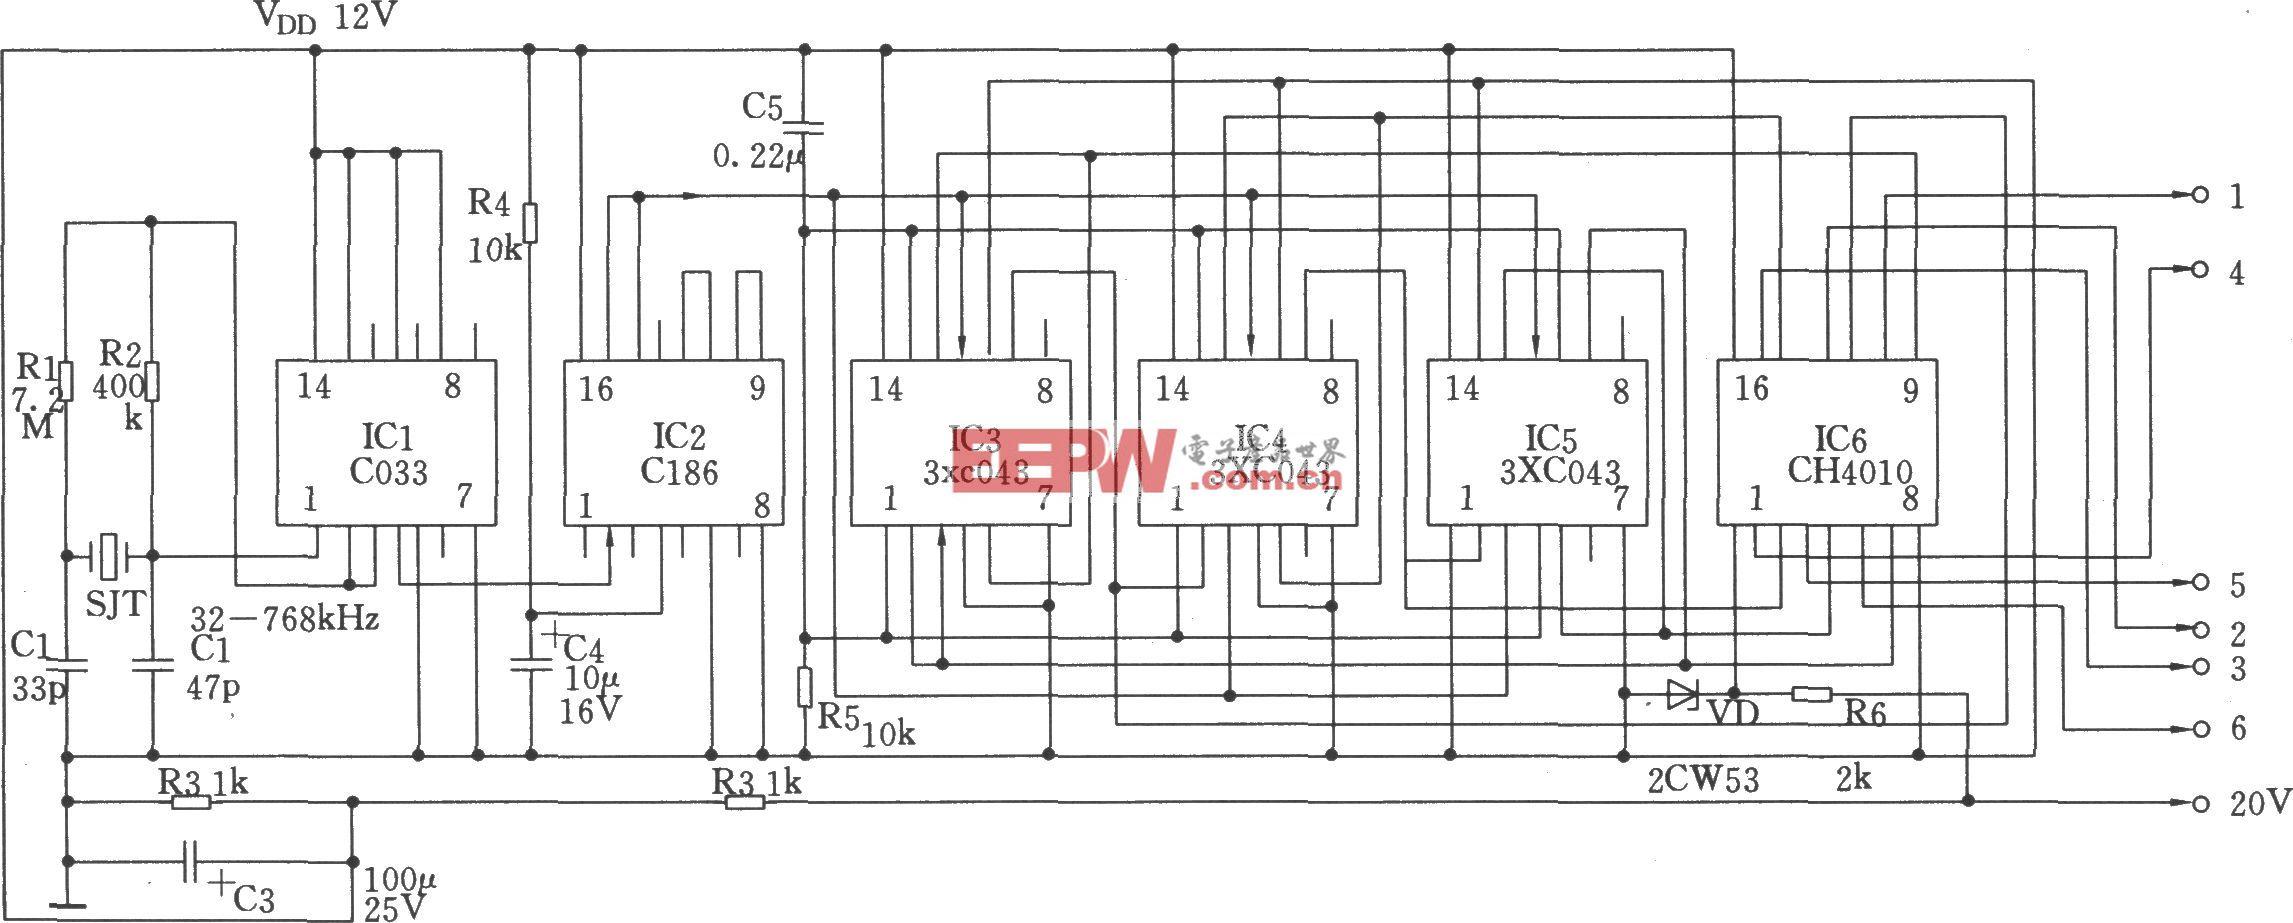 信号产生电路图 频率合成器电路图 ->三相信号发生器